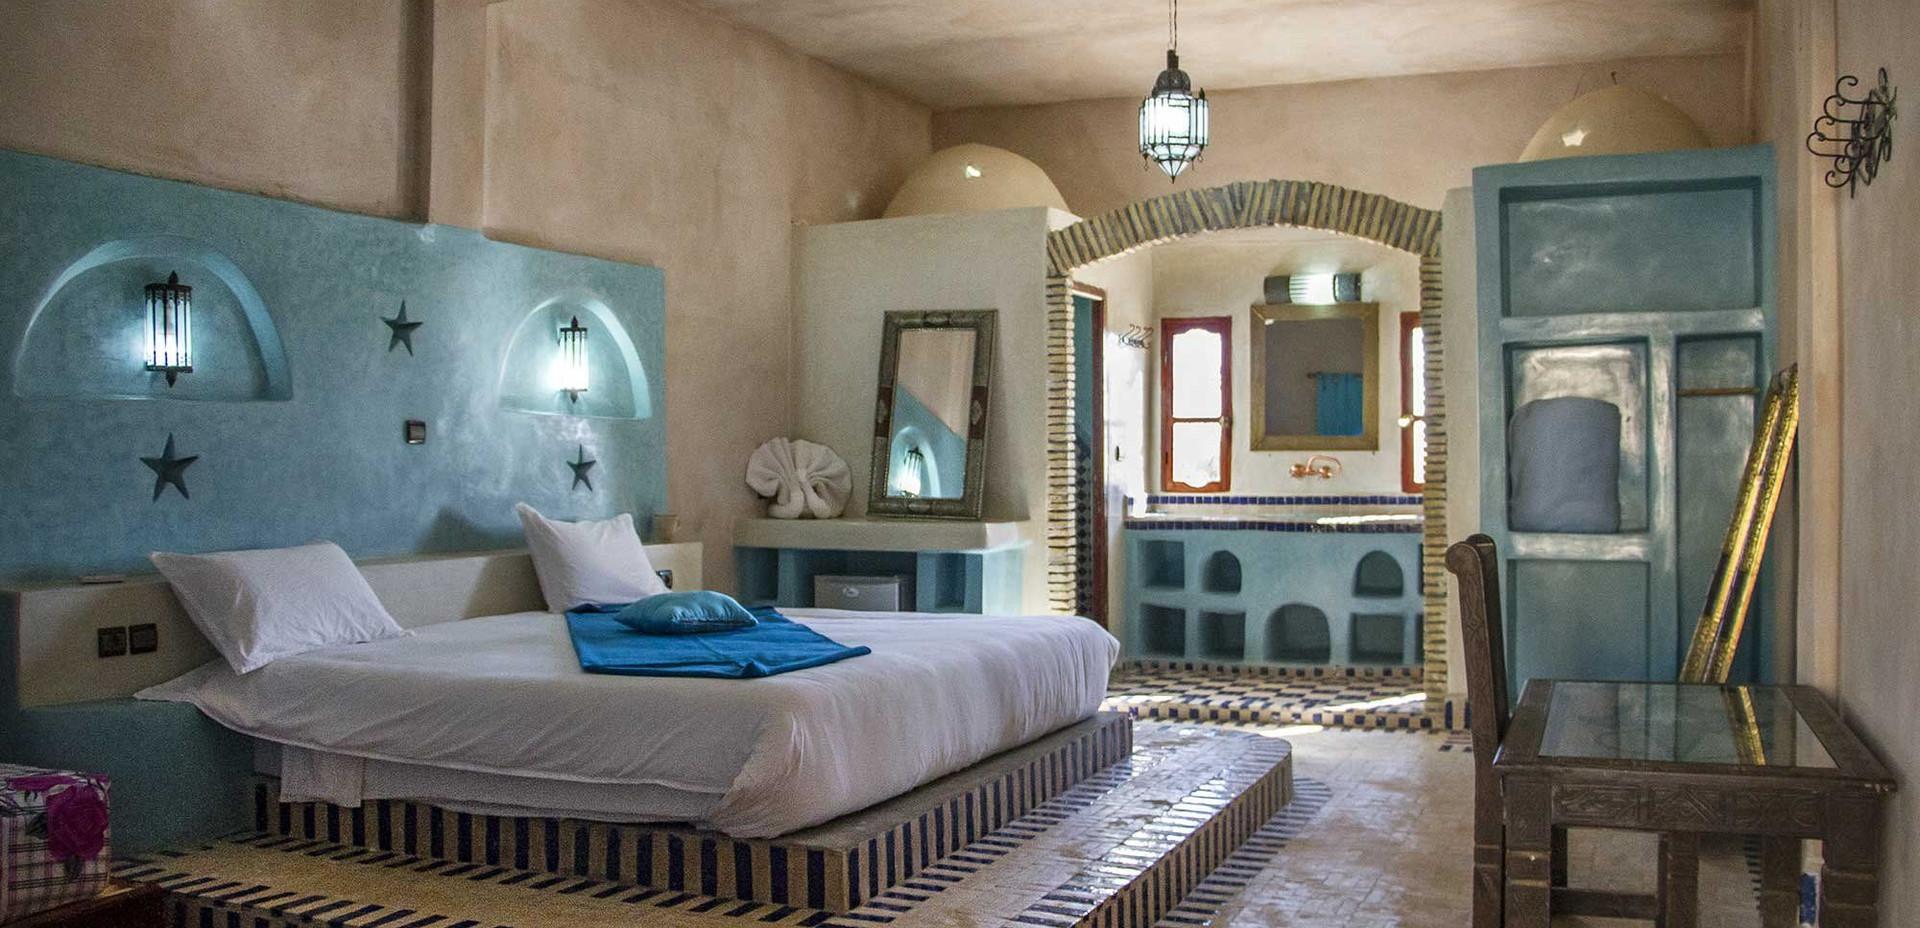 Hotel_nomad_palace_6.jpg